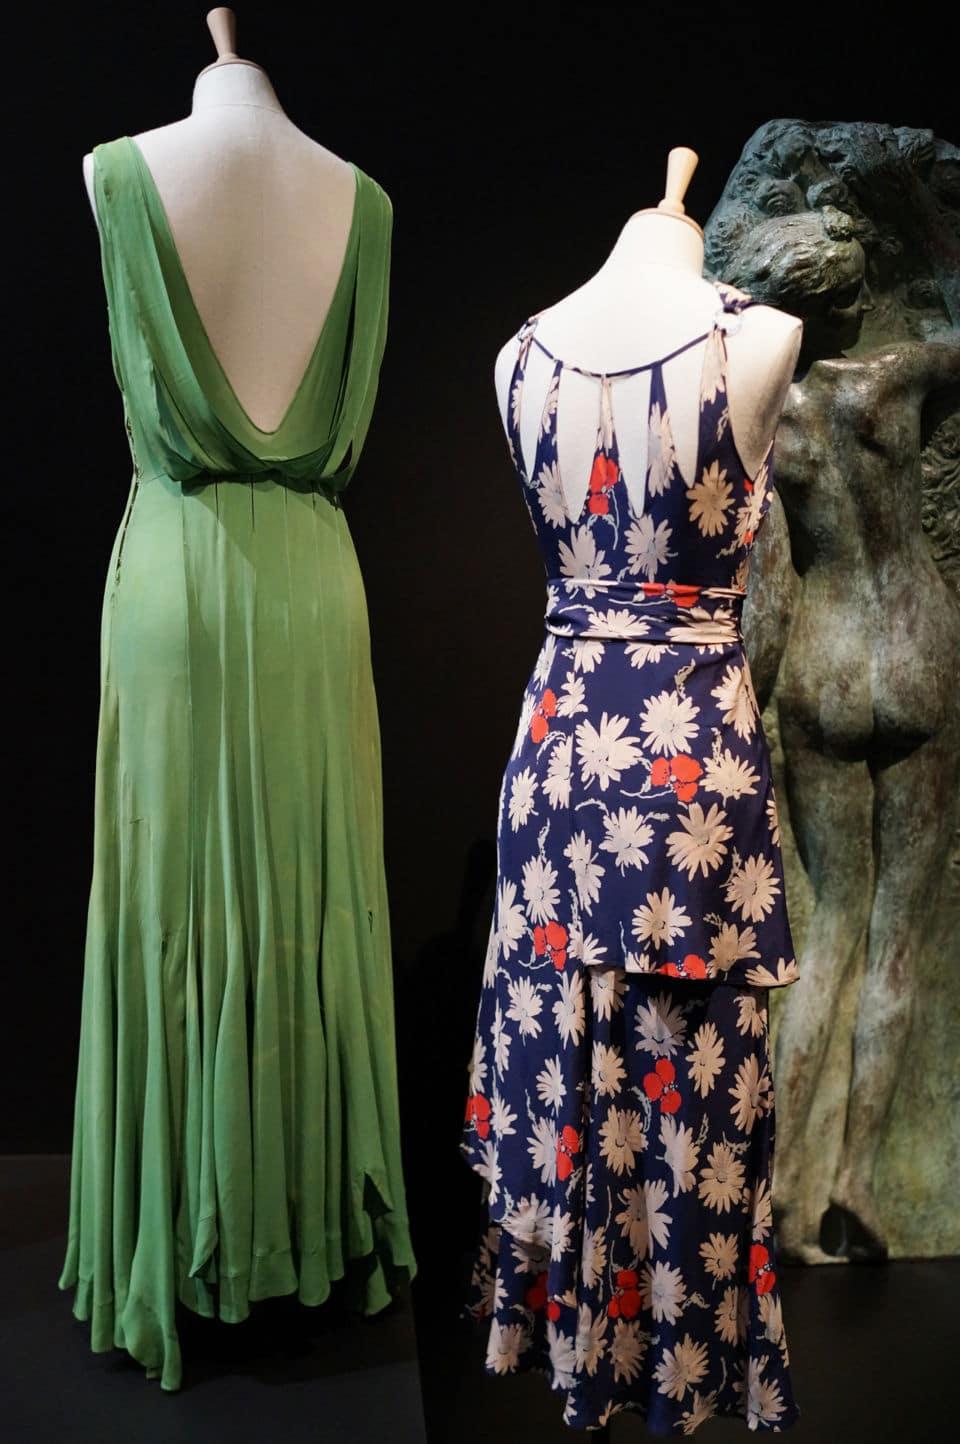 l'expo. Back side, l'expo. qui focalise sur le dos des vêtements